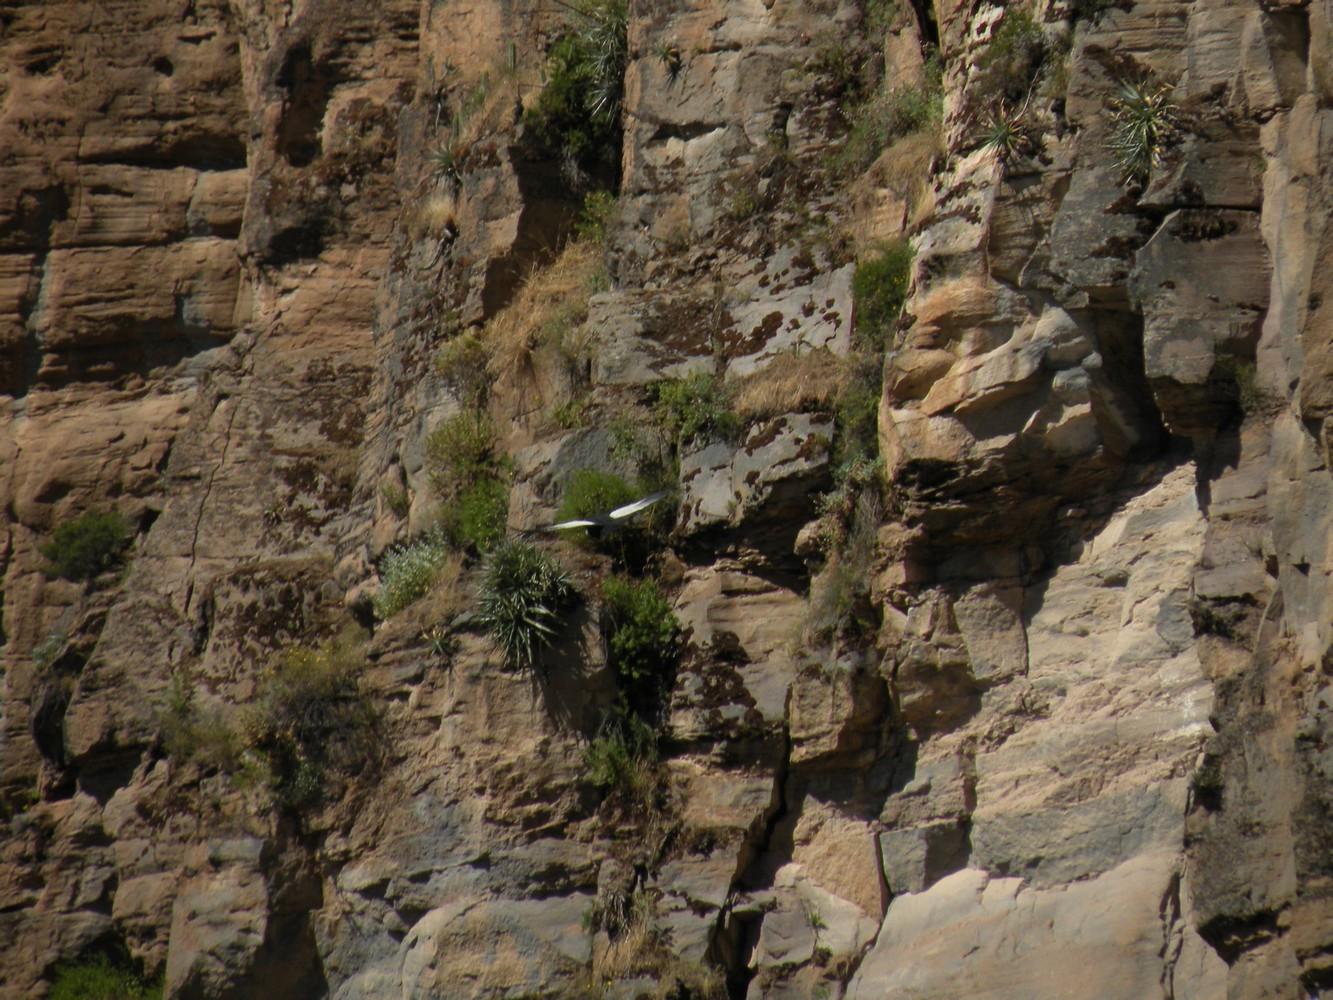 Mirador San Miguel - Cañon del Colca